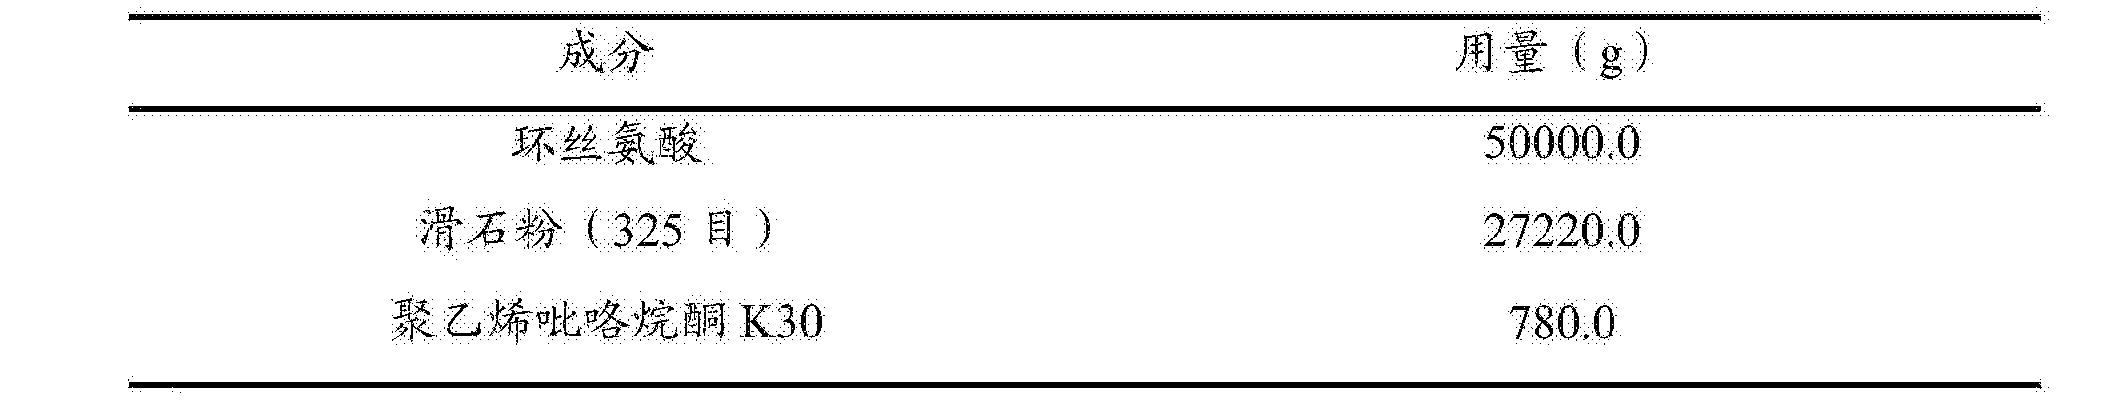 Figure CN105476976BD00291